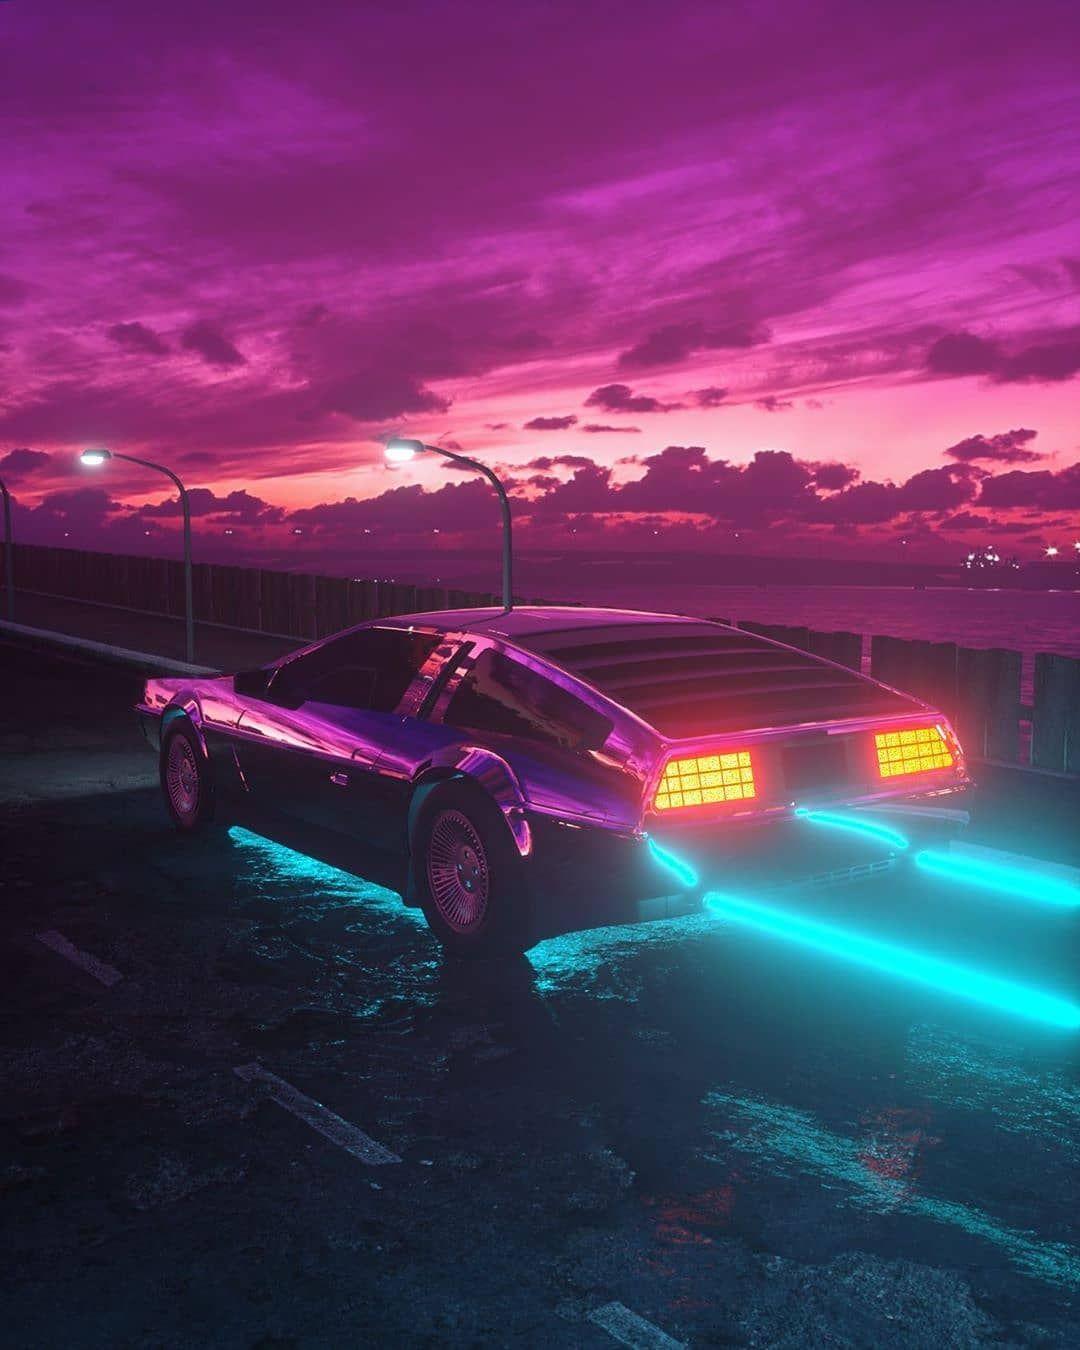 D R E A M R I D E R Gufe Visuals Synthwave 80s Retro Newretrowave 1980s Vintage Newwave Eighties Neon Cybe Neon Car Vaporwave Neon Noir